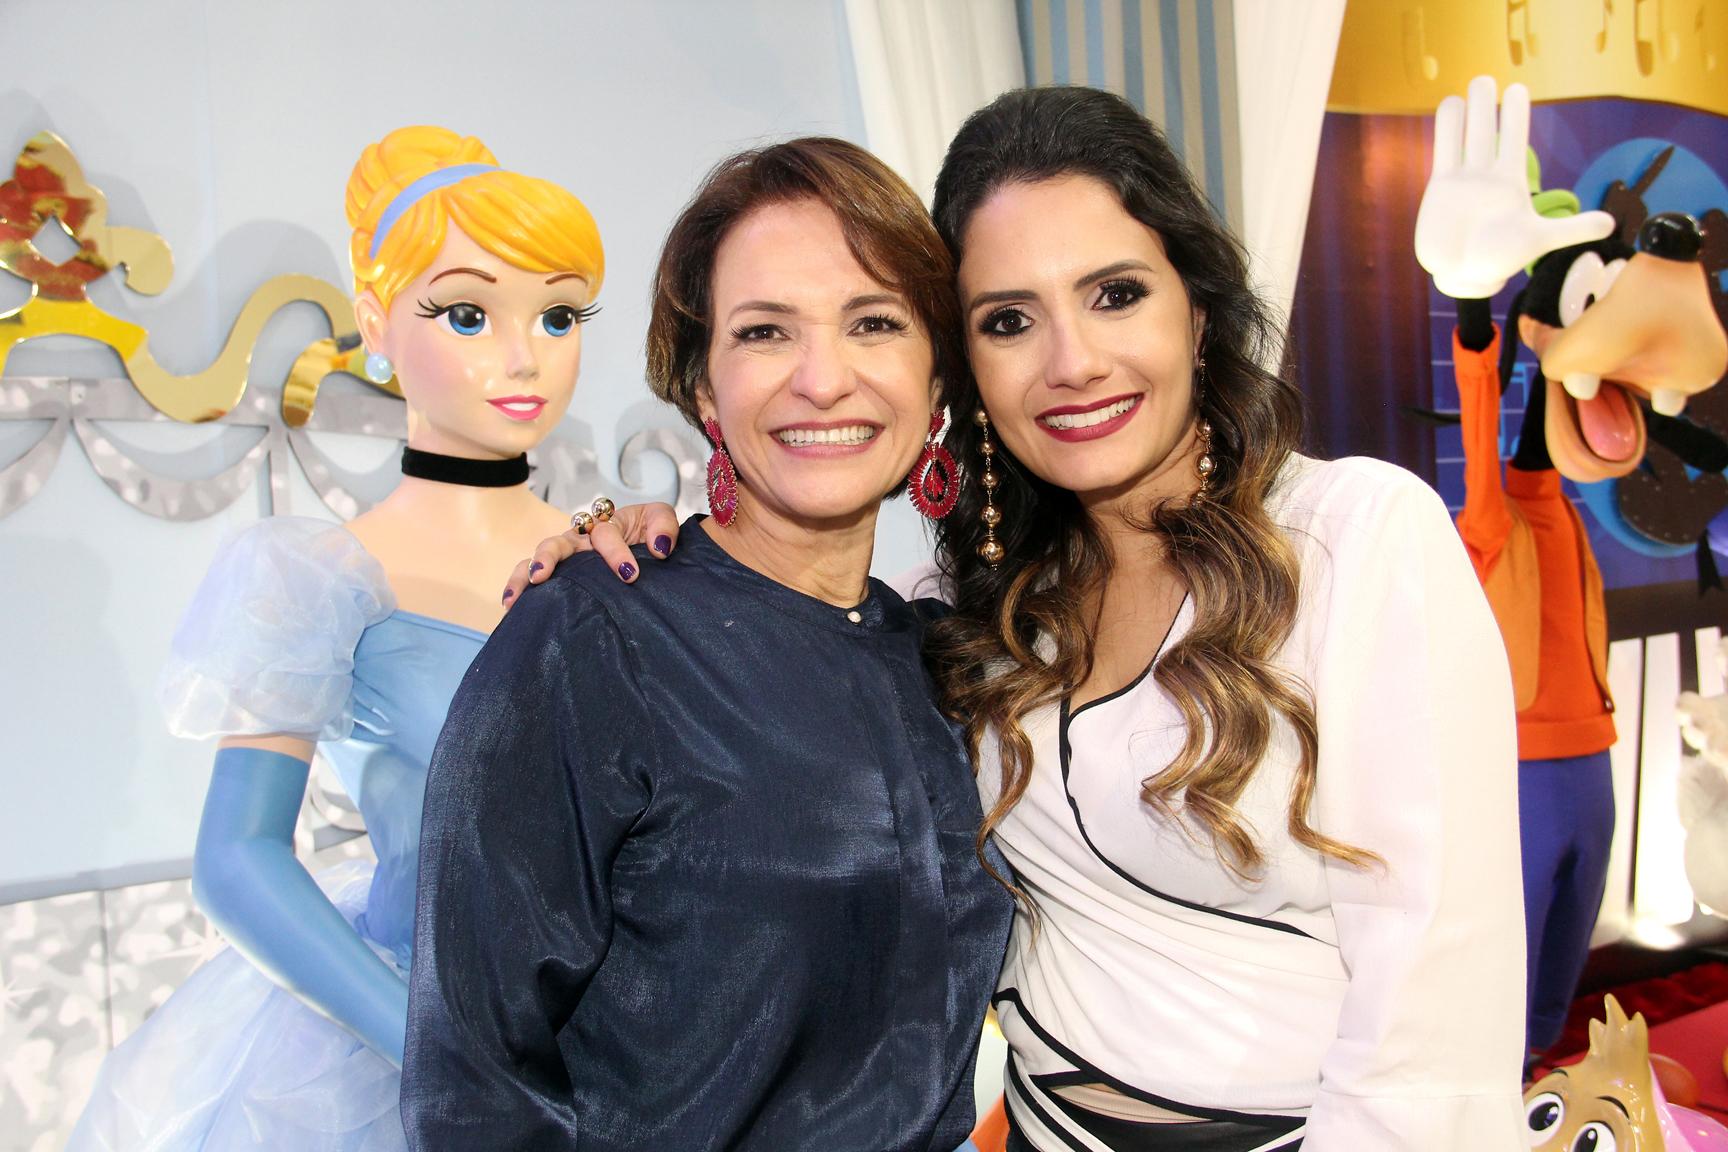 A executiva Marla Borges e a empresária Marcella Mattos no evento de inauguração da Forma Festa Kids.